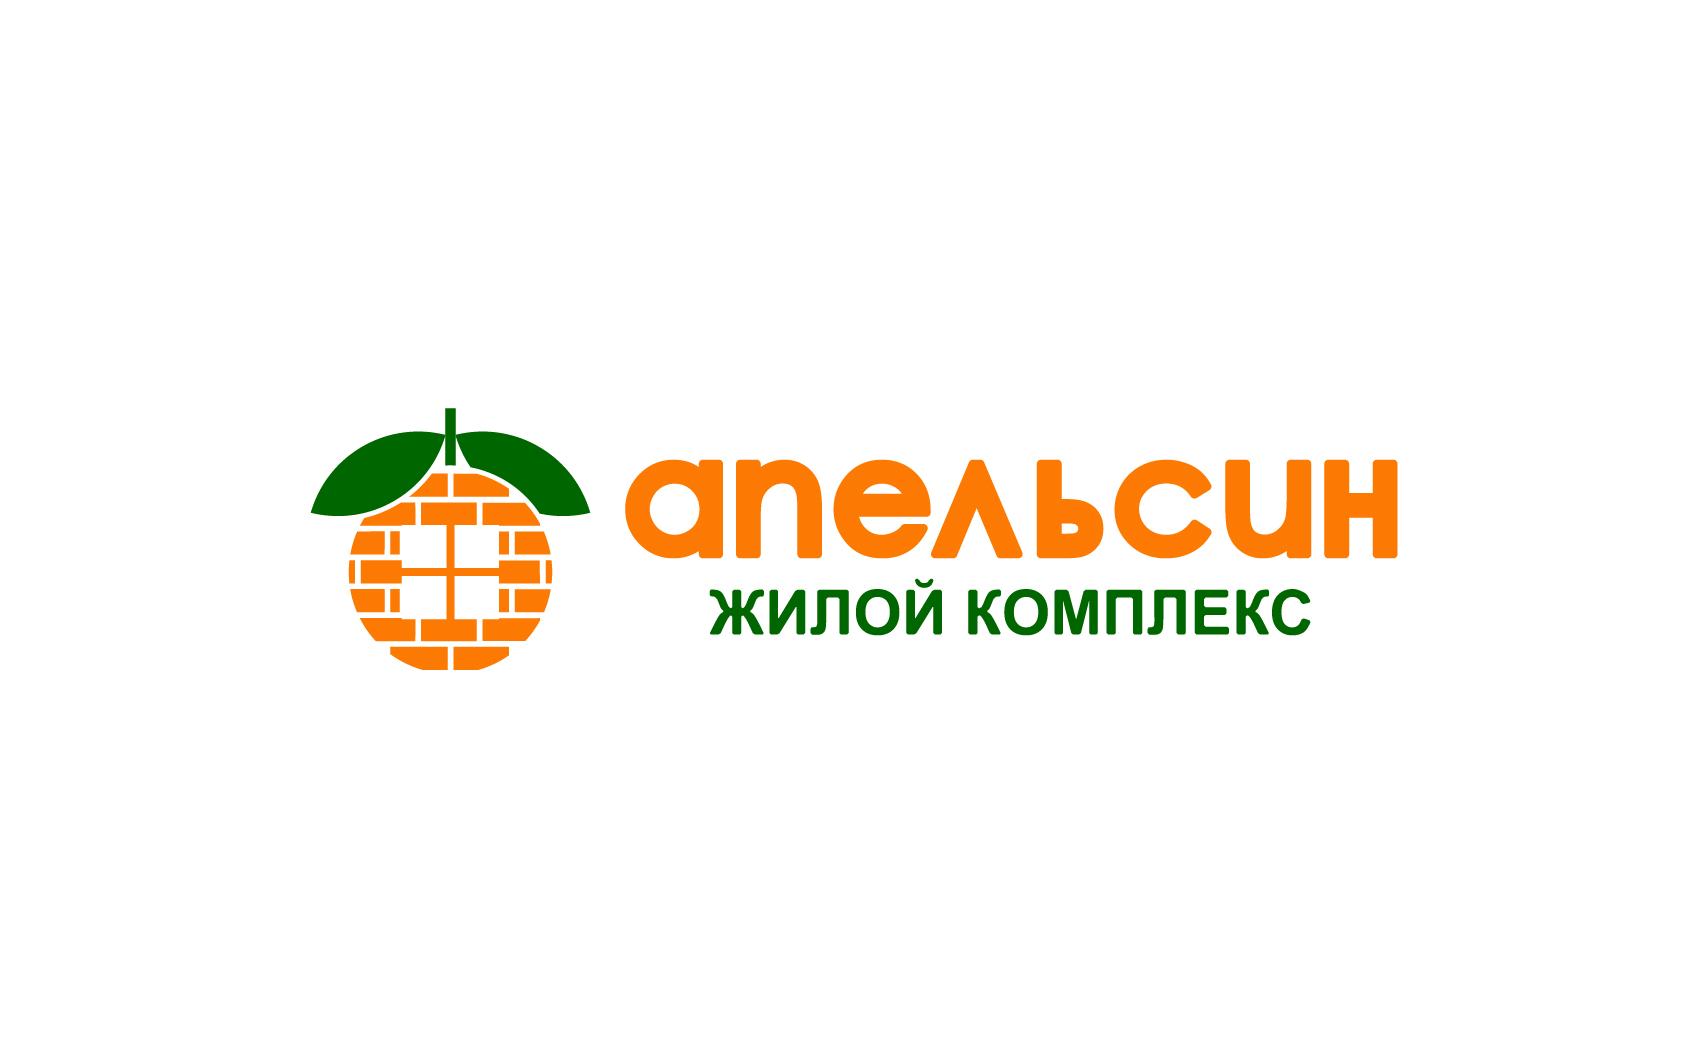 Логотип и фирменный стиль фото f_9675a67603c3e7b9.jpg